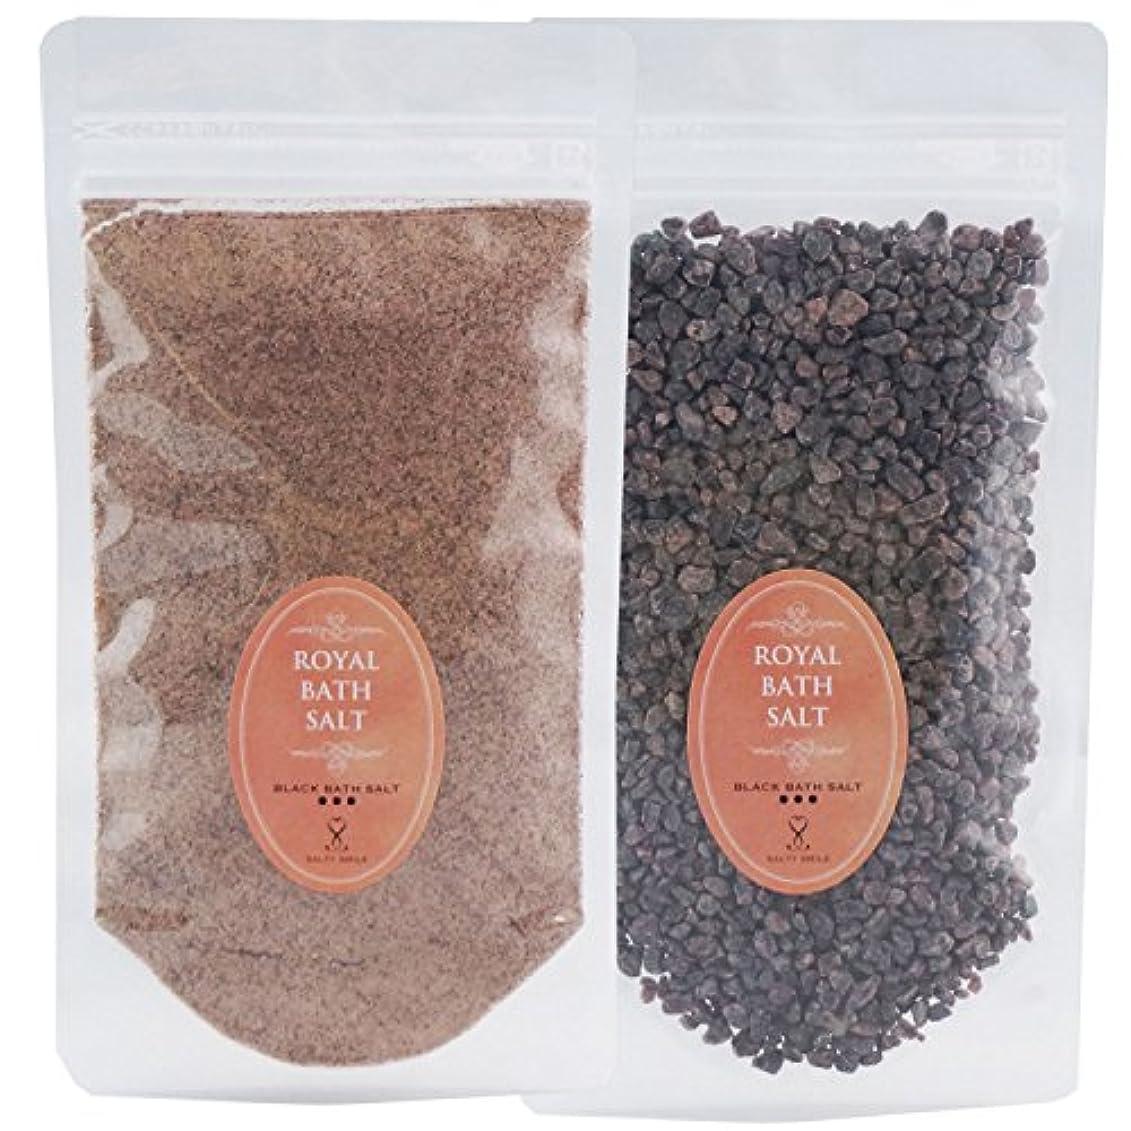 コンデンサー病んでいる保有者ロイヤル バスソルト ヒマラヤ岩塩 ブラック パウダー グレイン 各200g 粗粒 粉 ROYAL BATH SALT